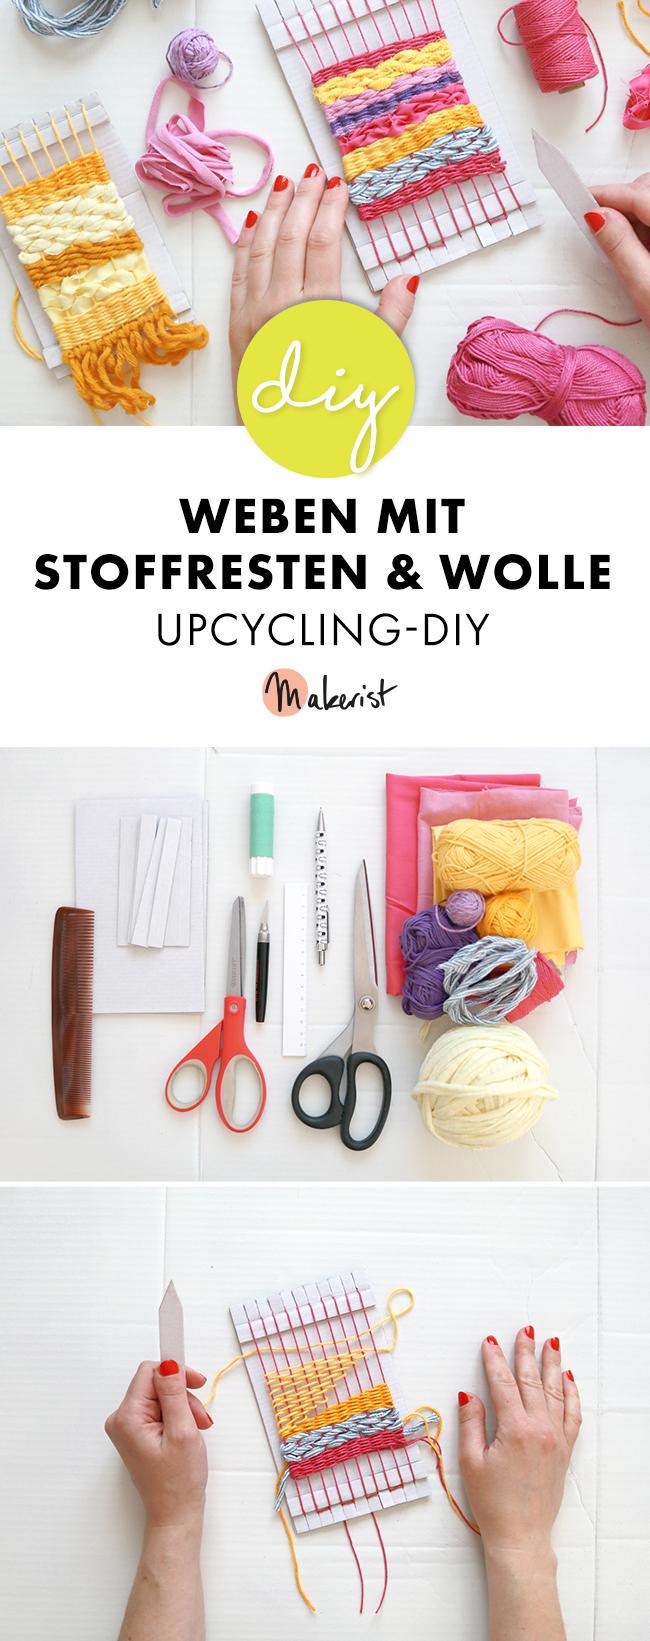 Makerist-Upcycling-DIY-Weben-mit-Stoffresten-und-Wolle-33